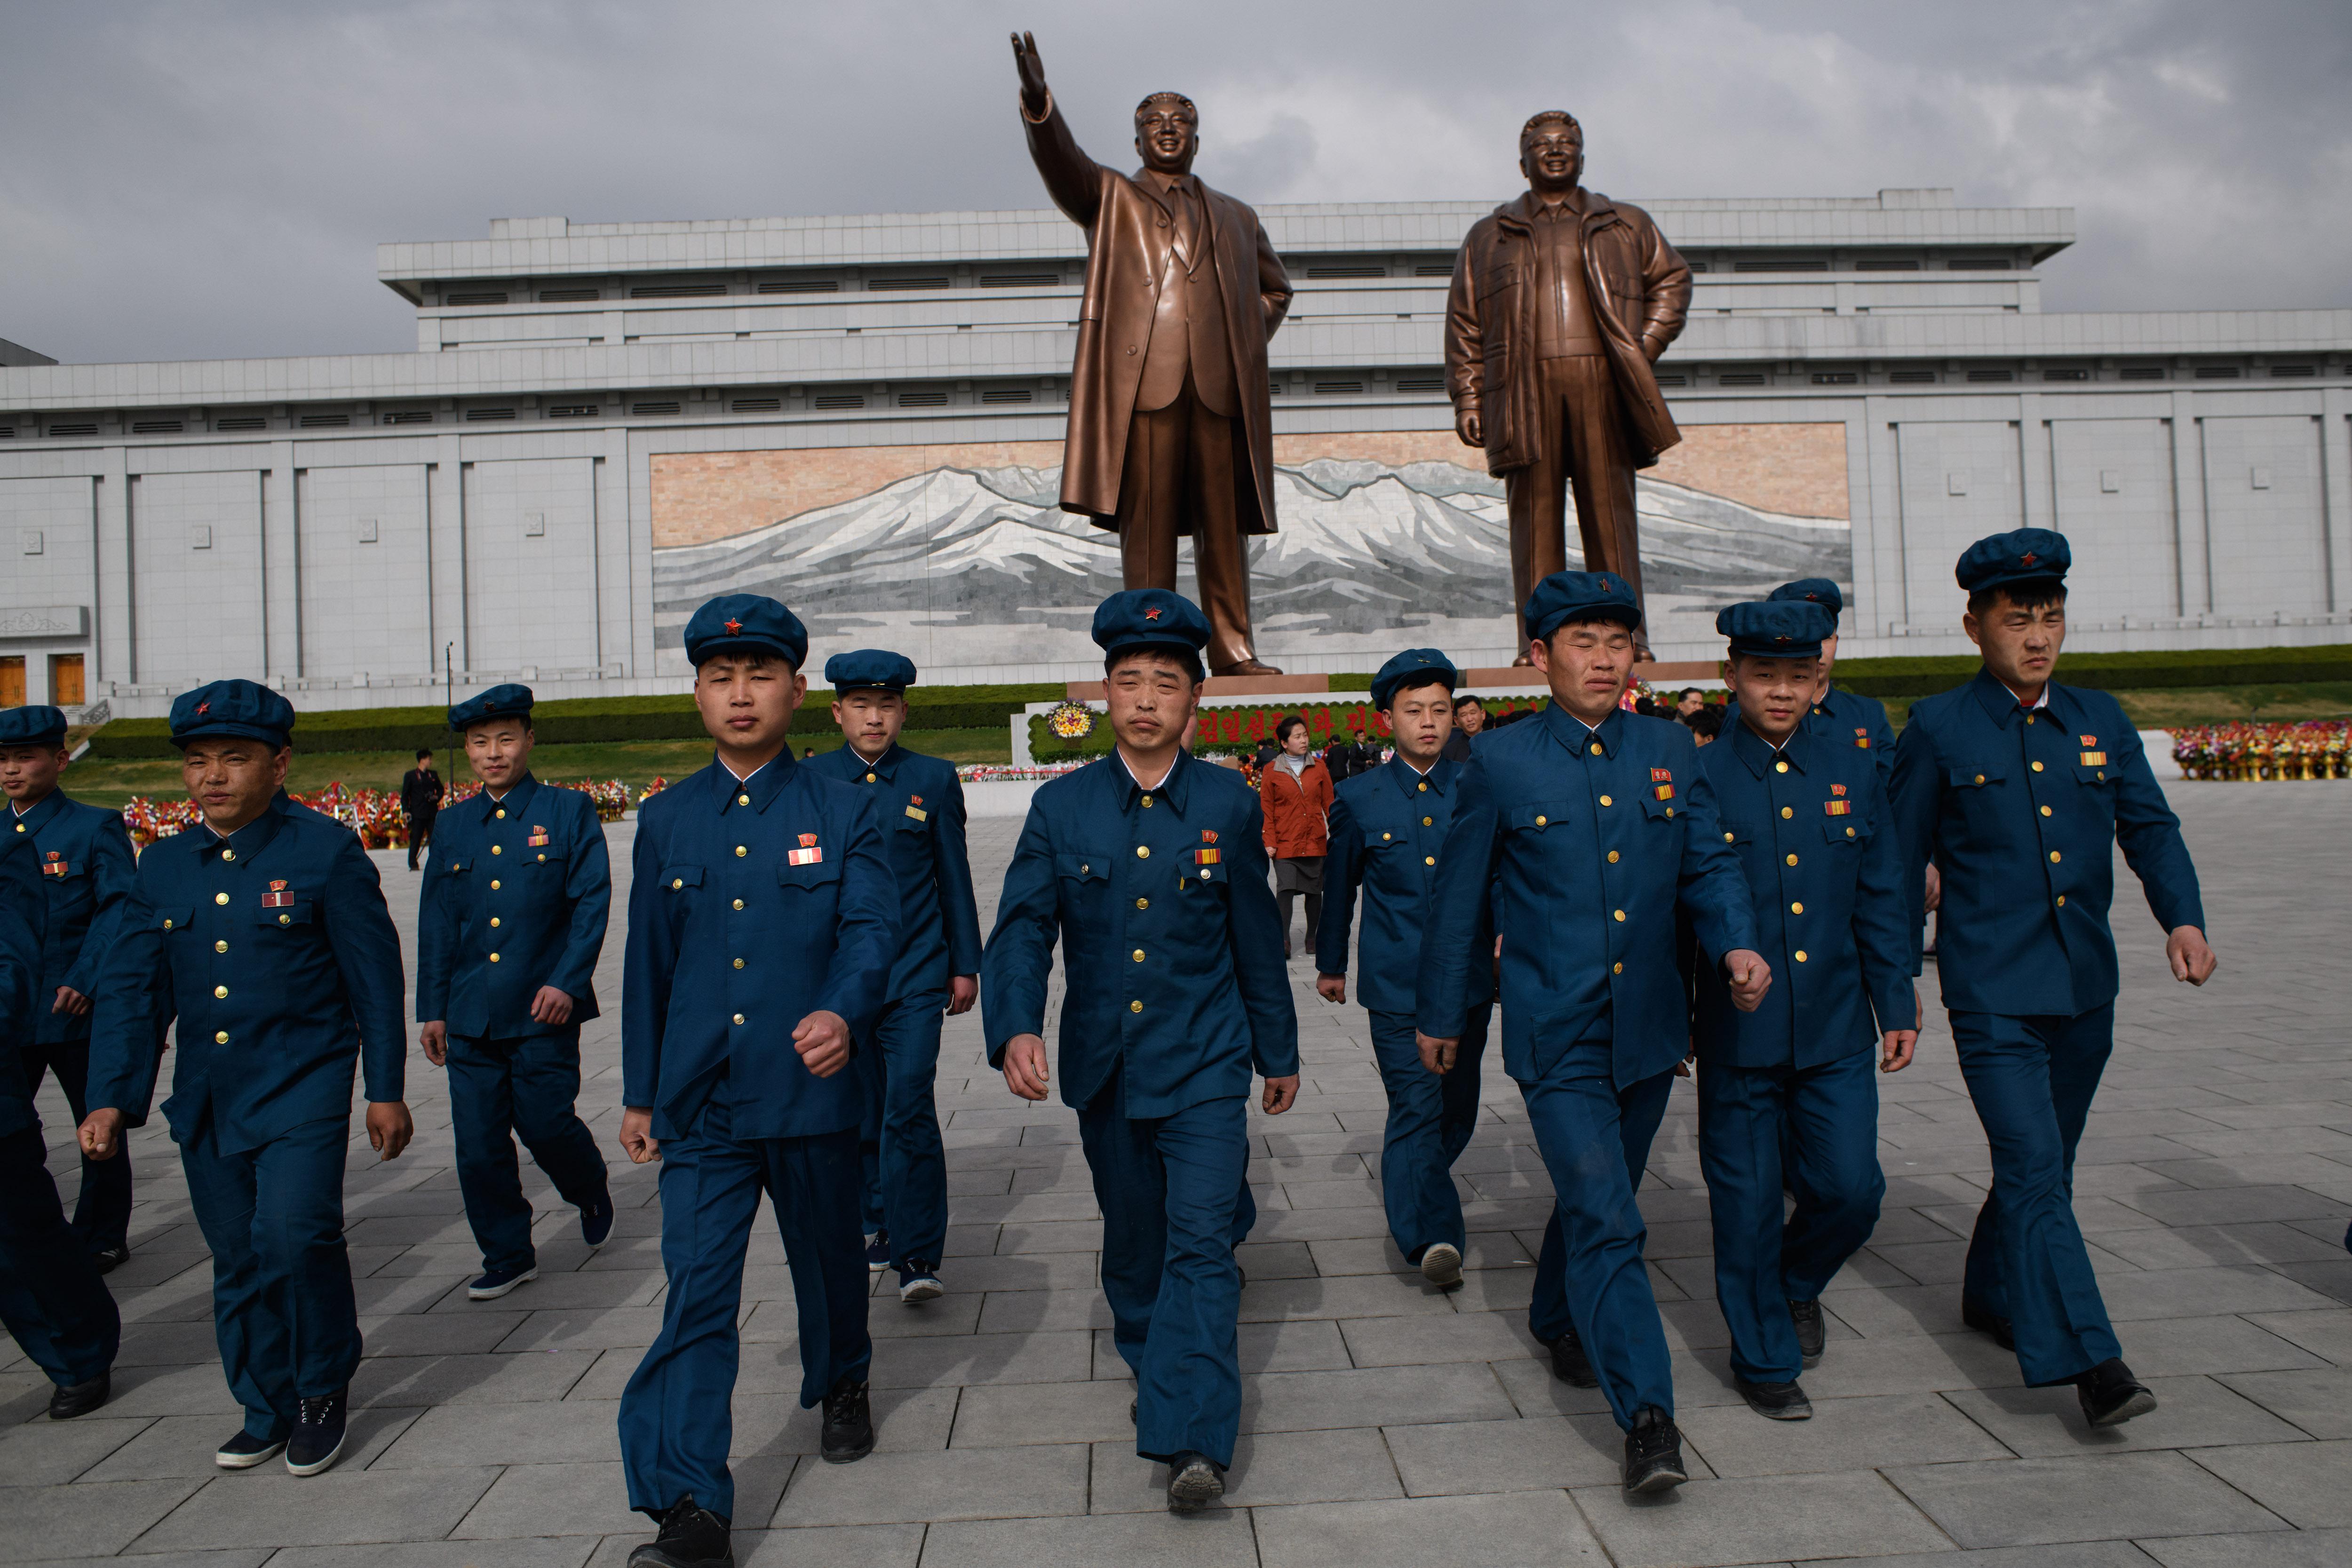 Kínozzák és szexuálisan bántalmazzák az előzetes letartóztatásban lévőket Észak-Koreában